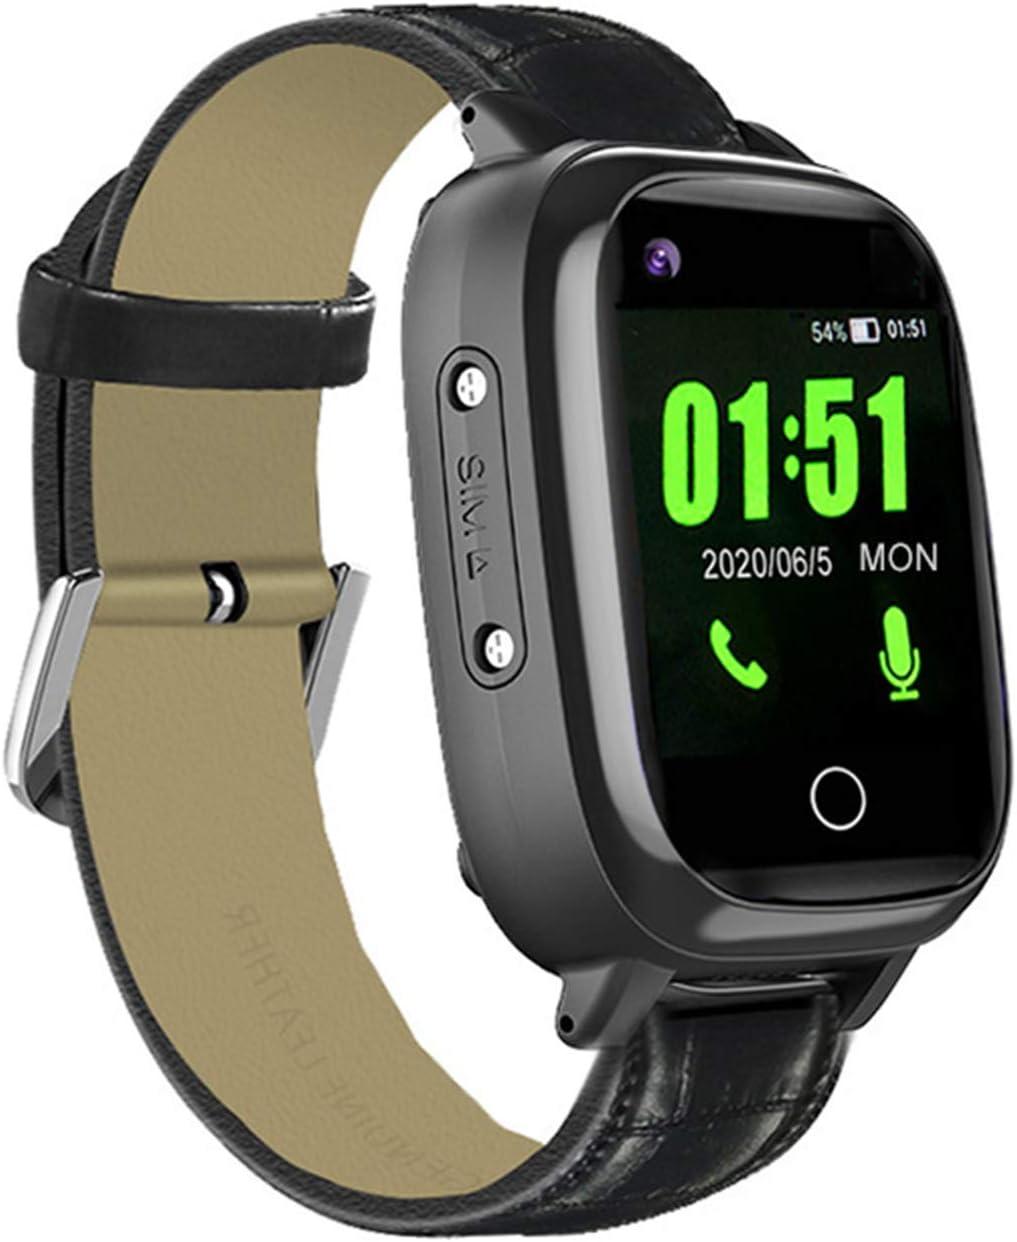 Reloj inteligente 4G GPS para niños mayores, Monitor de presión arterial de frecuencia cardíaca 4G, Llamada telefónica WiFi, Cámara de pantalla táctil Geo-Fence SOS Alarma GPS Anti-Lost